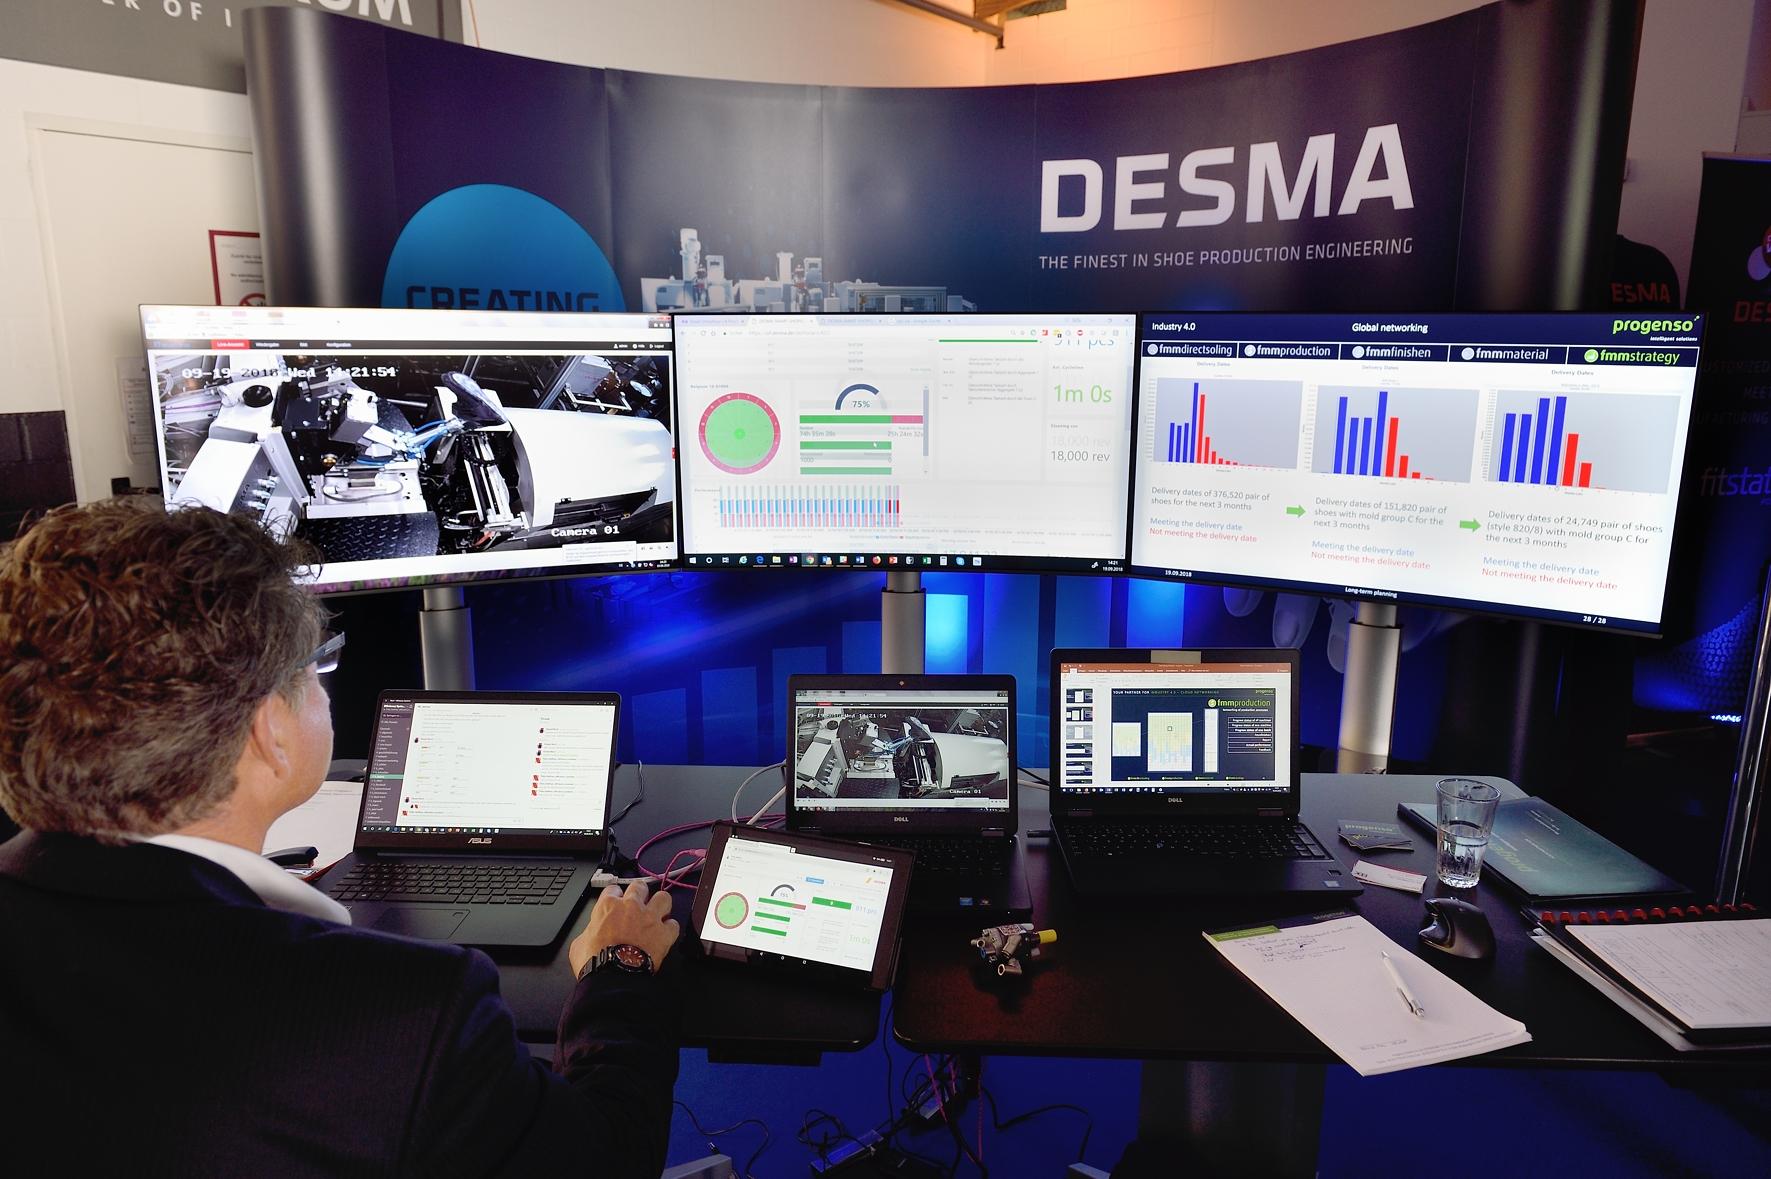 Desma ist ein Maschinenbauer auf der Suche nach neuen, digitalen Geschäftsmodellen, Bild: Desma